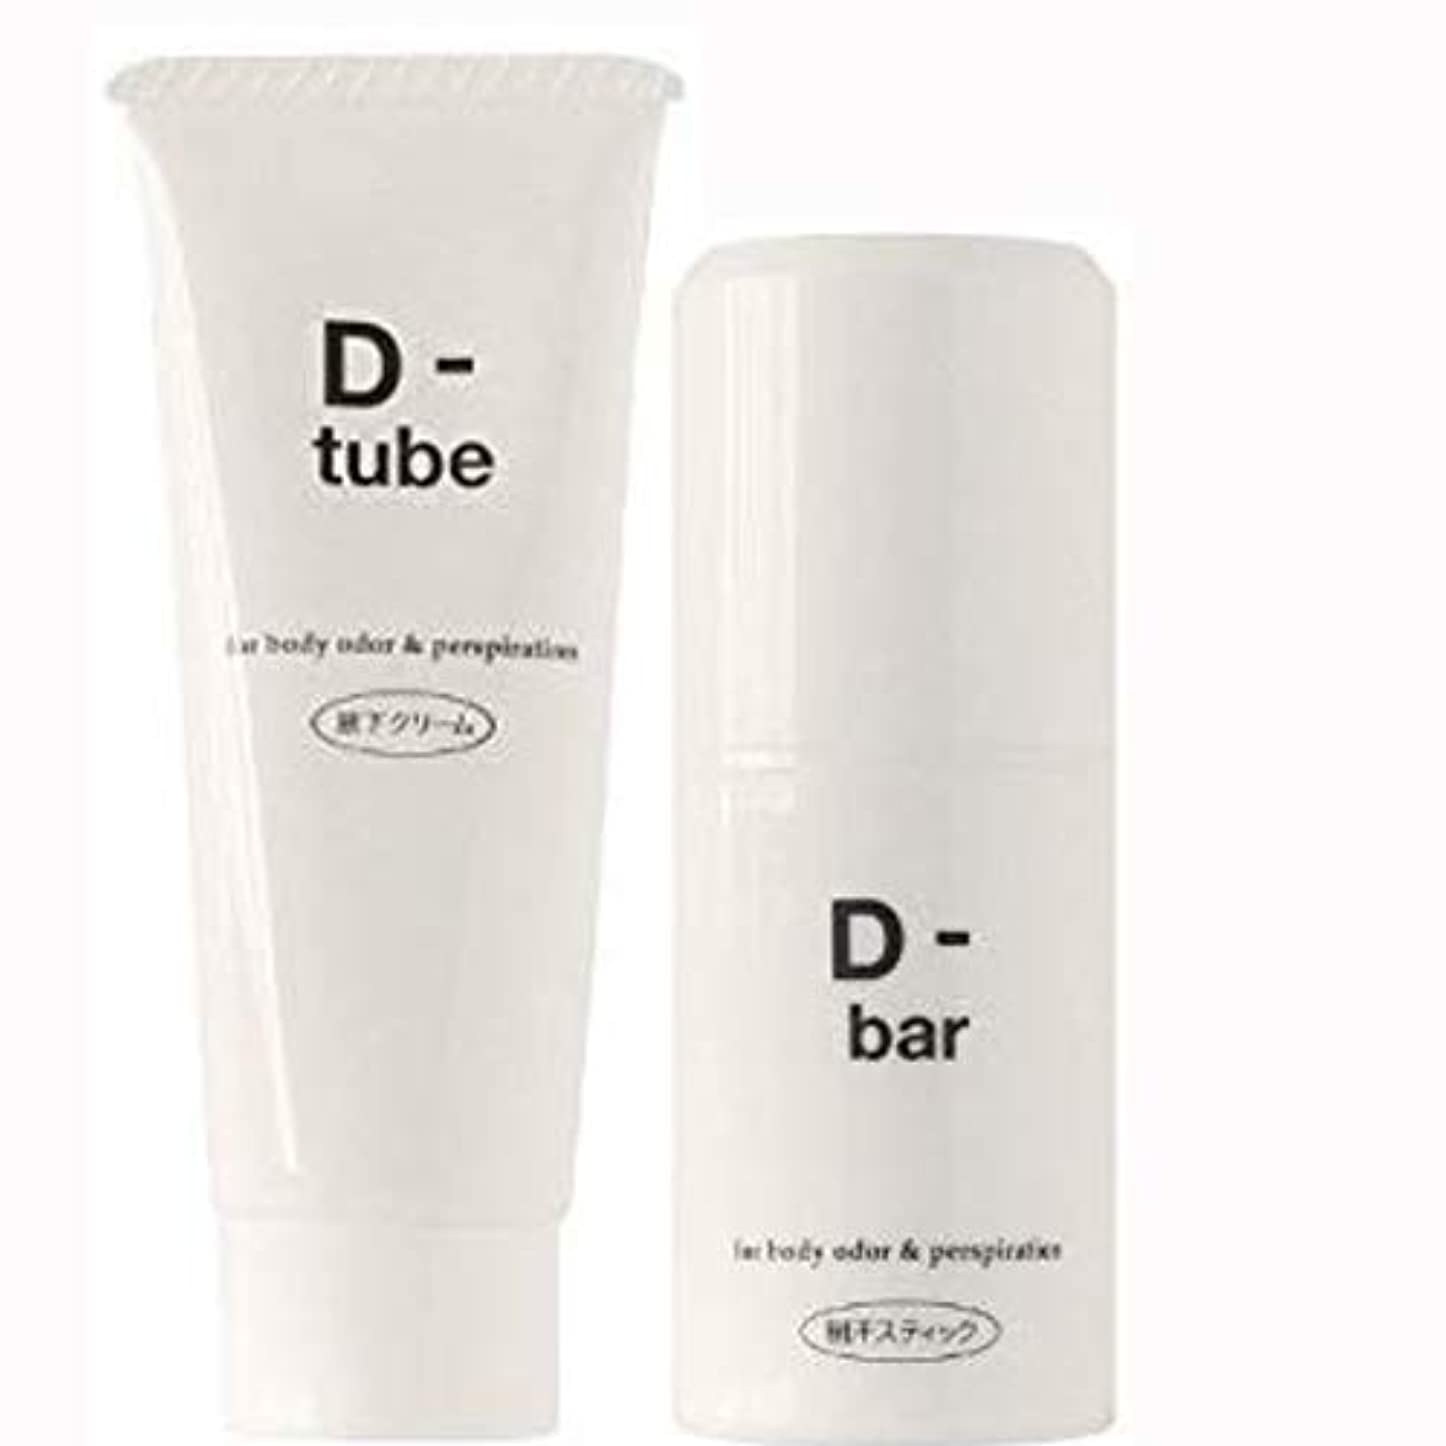 吸収するクスクス姿勢【セット】ディーチューブ(D-tube)+ディーバーセット(4511116760024+4511116760017)